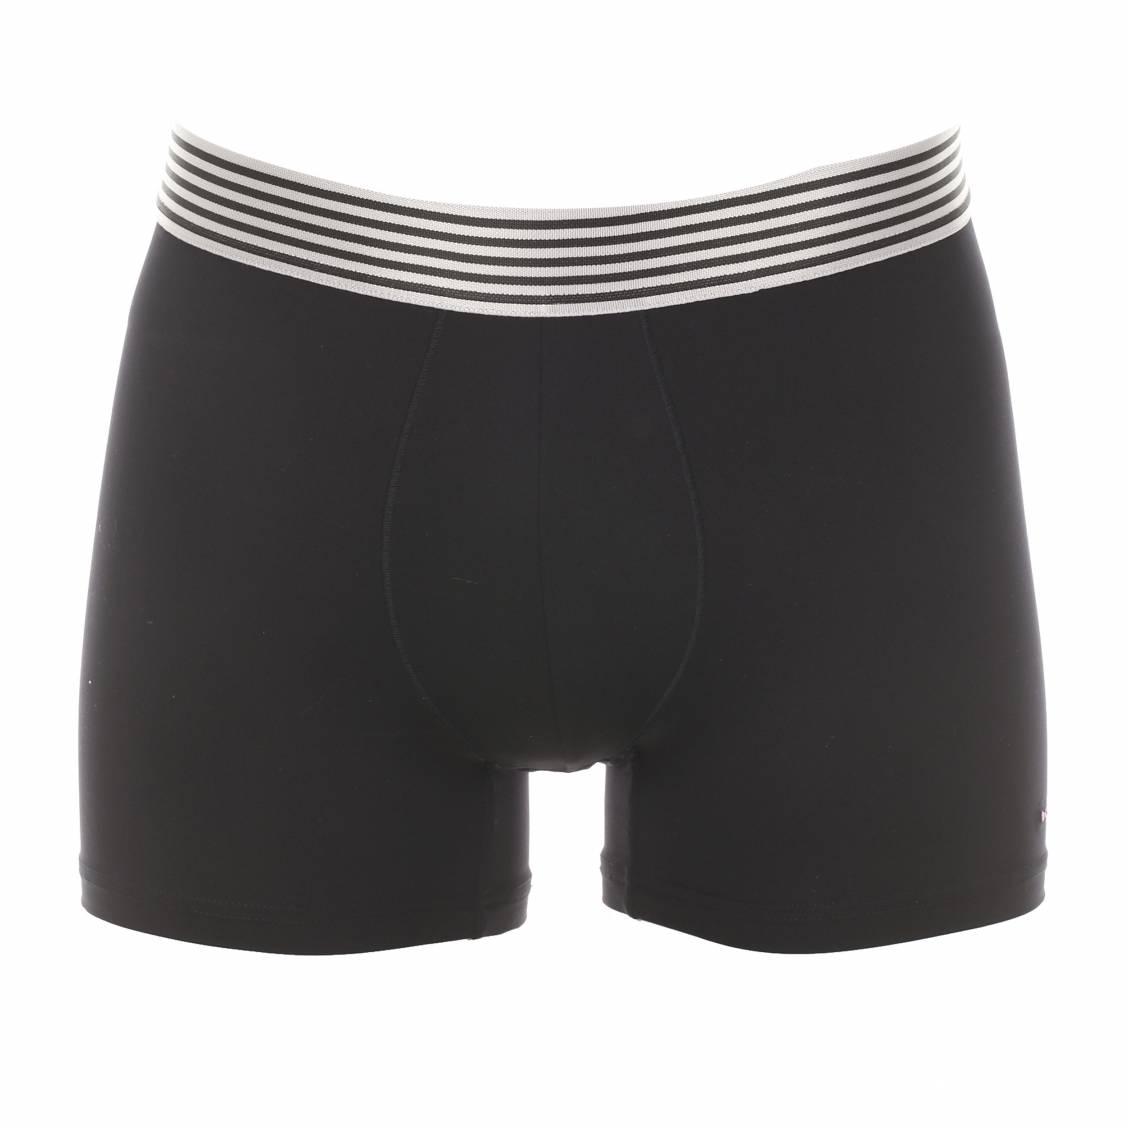 Boxer  en polyamide noire à ceinture rayée grise et noire